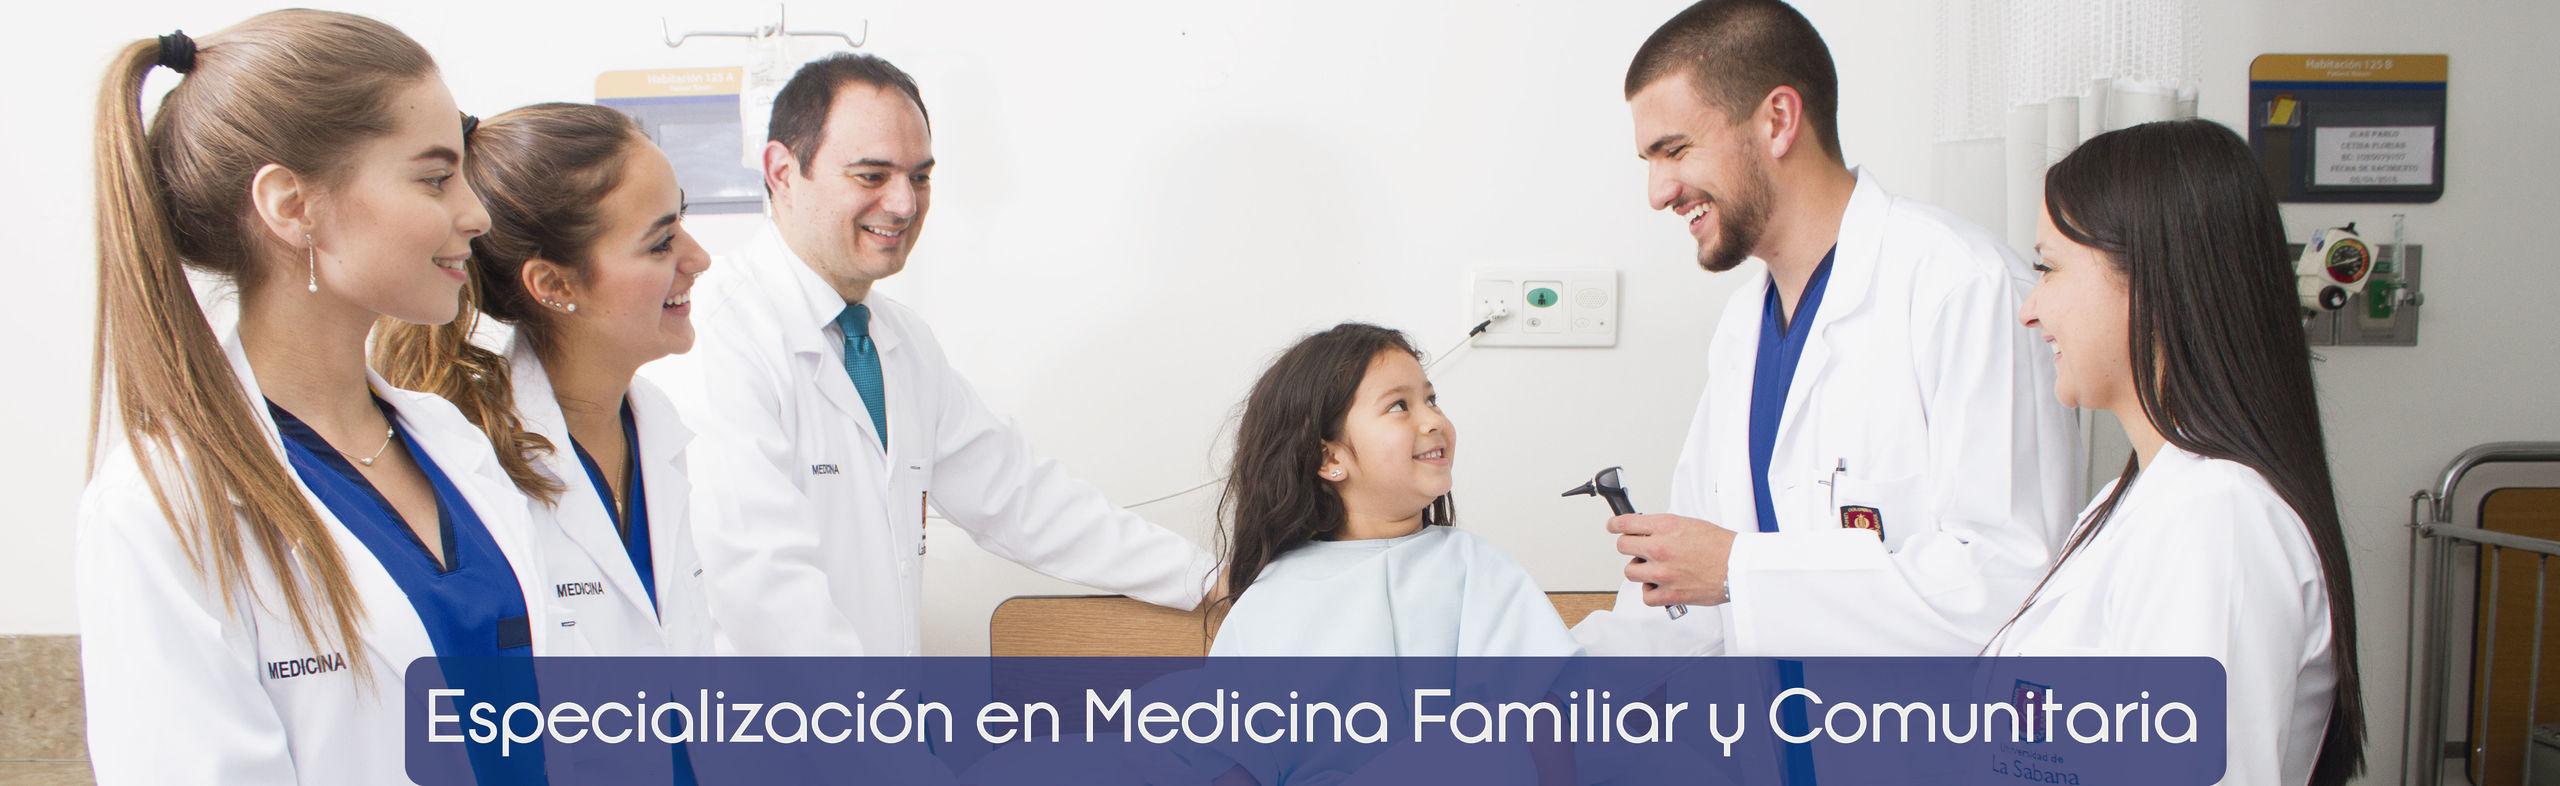 Especialización en Medicina Familiar y Comunitaria